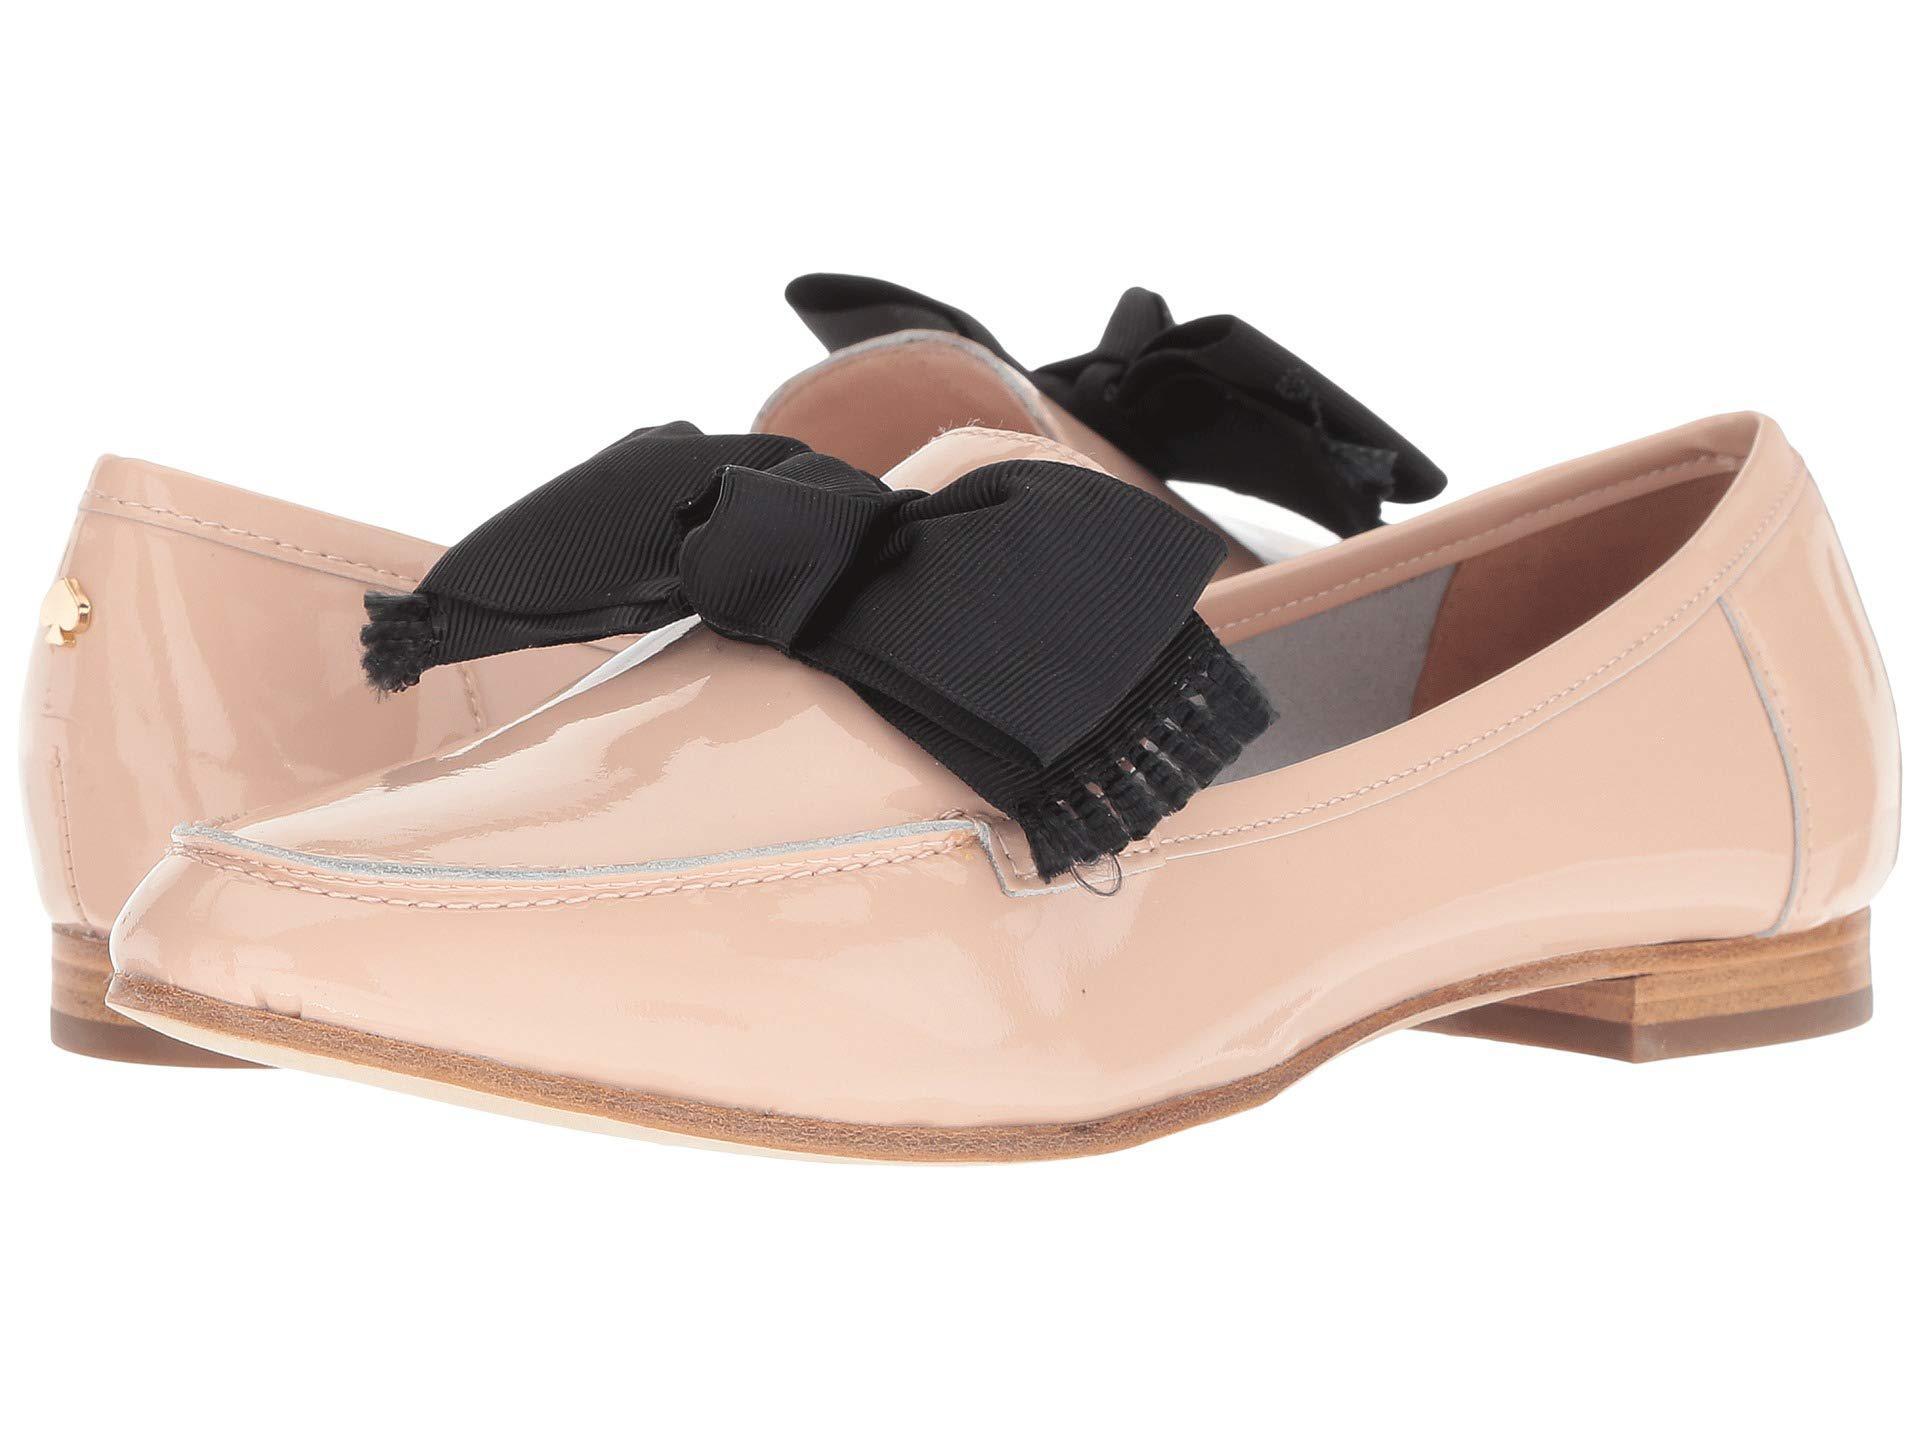 7c9ca2916015 Lyst - Kate Spade Cosetta Too in Pink